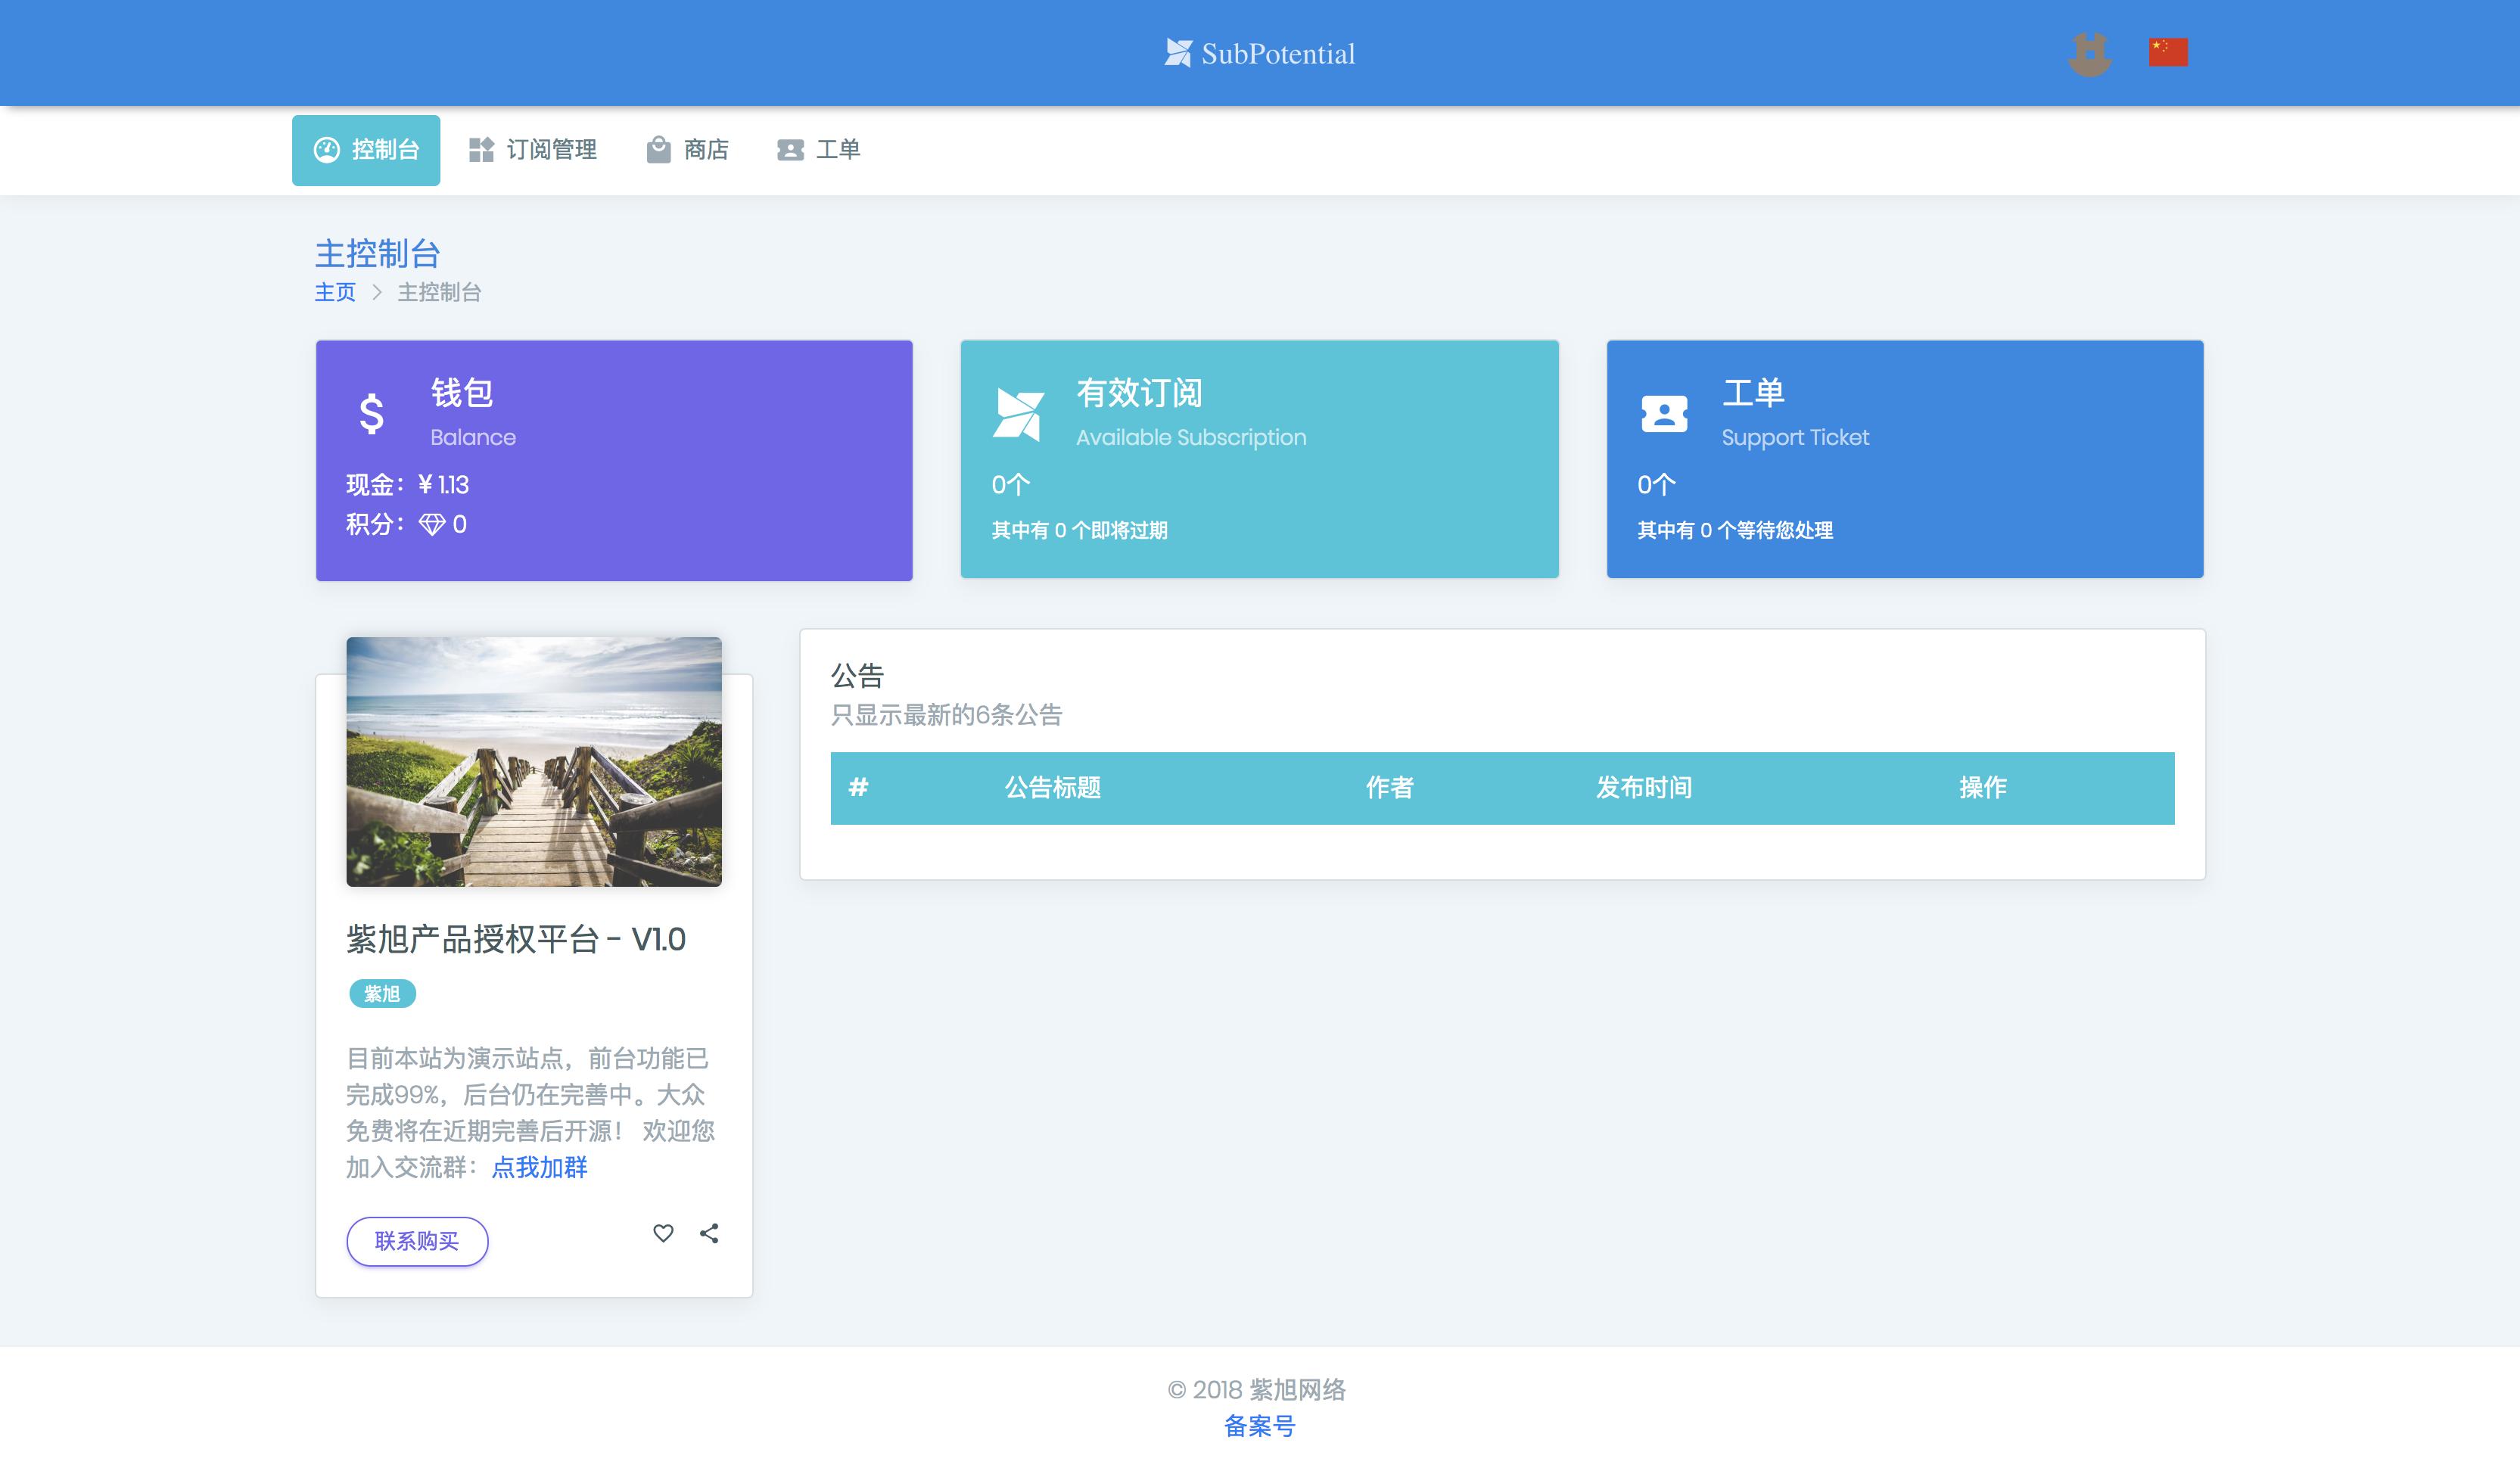 SubPotential - 一站式在线购买、管理您的产品和订阅插图